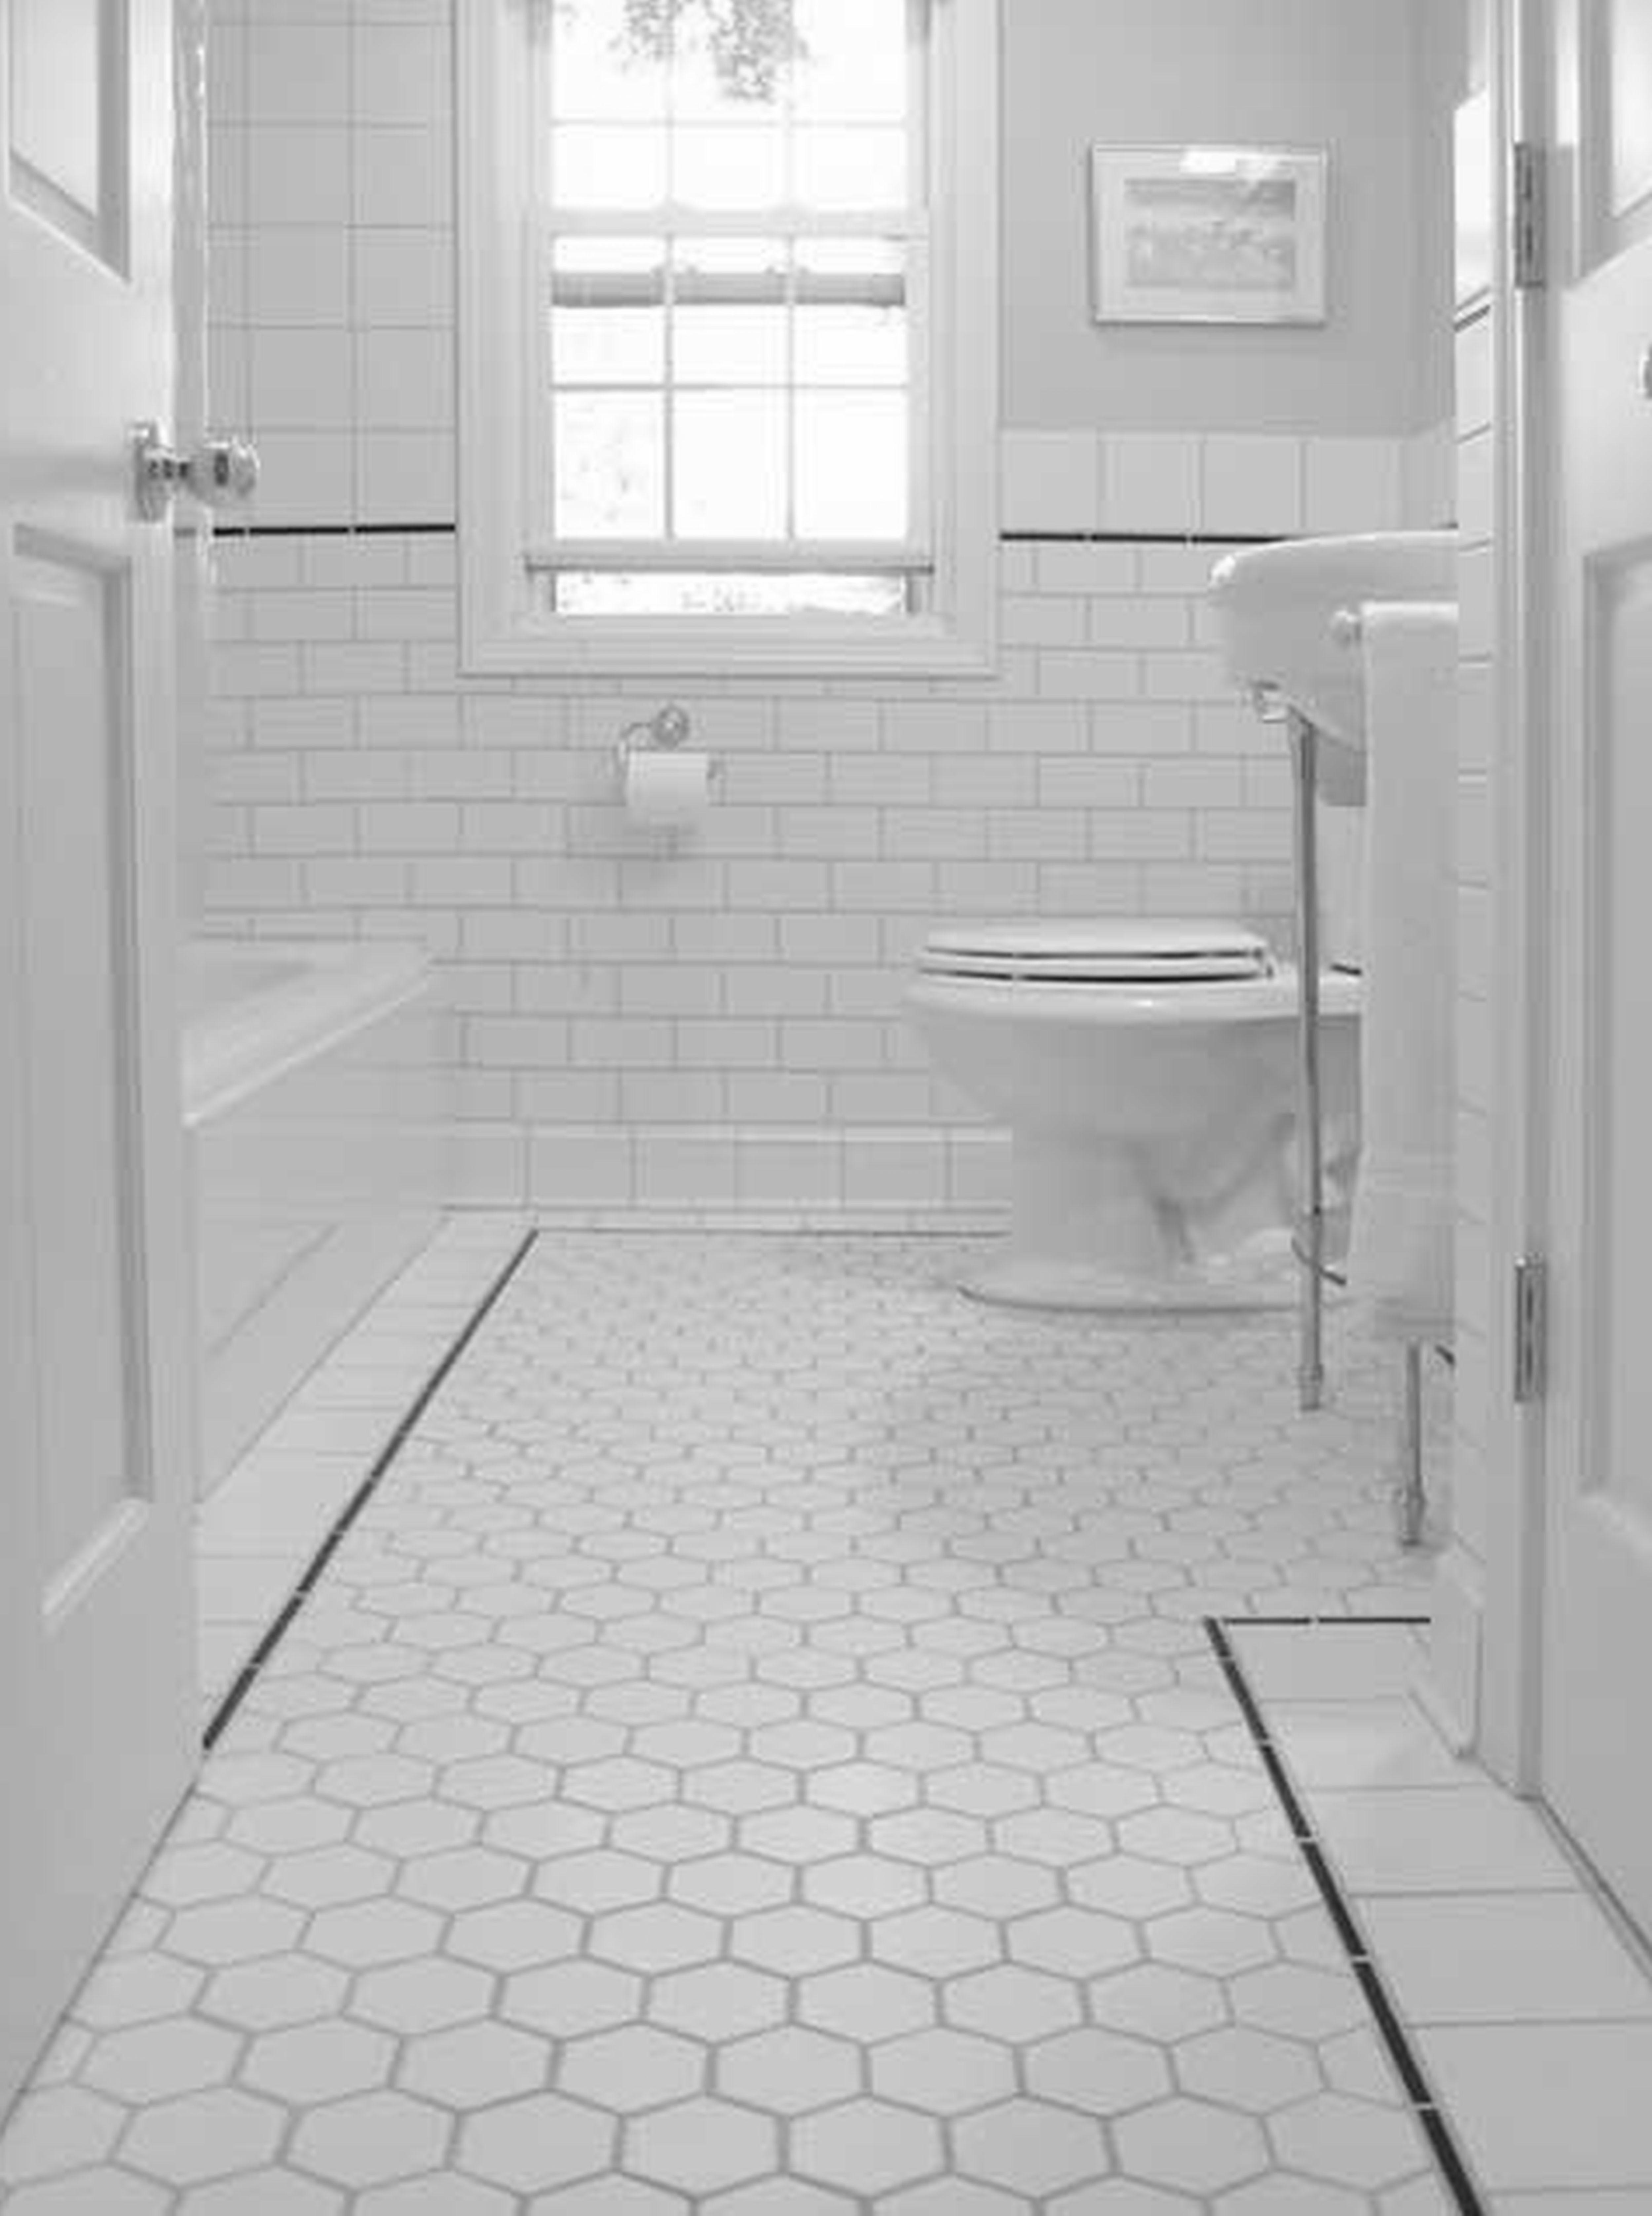 20 Small Bathroom Floor Tile Ideas, Tile Floor For Small Bathroom